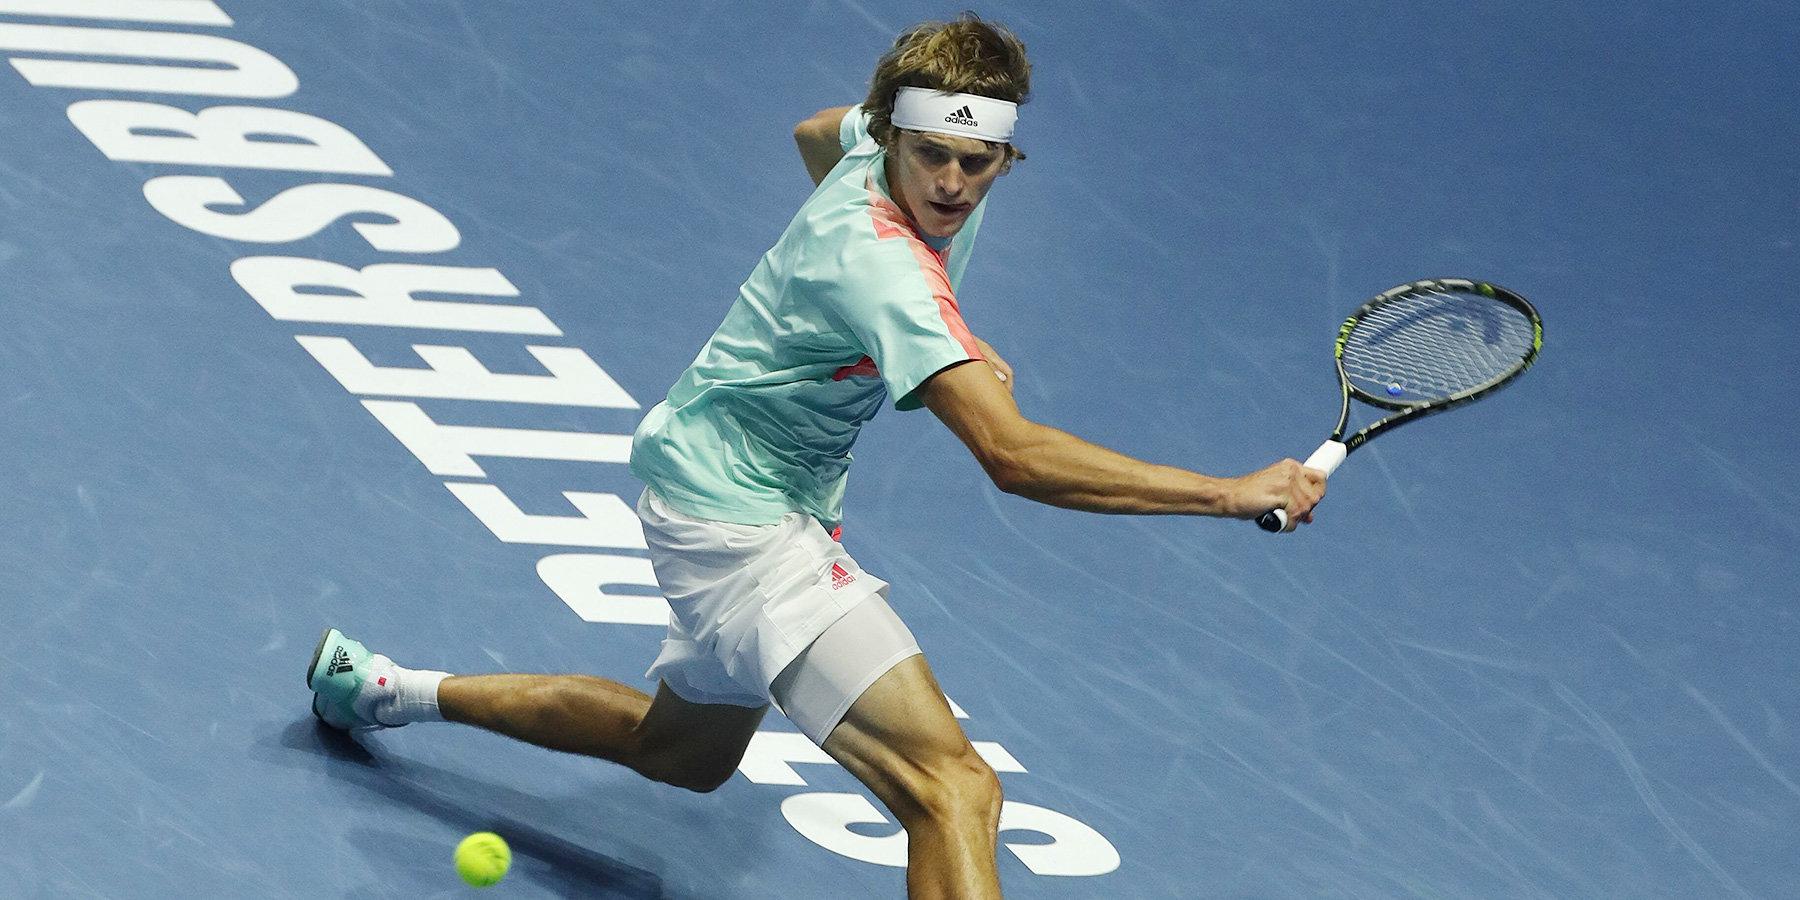 Зверев одержал первую победу на Итоговом турнире ATP, обыграв Шварцмана